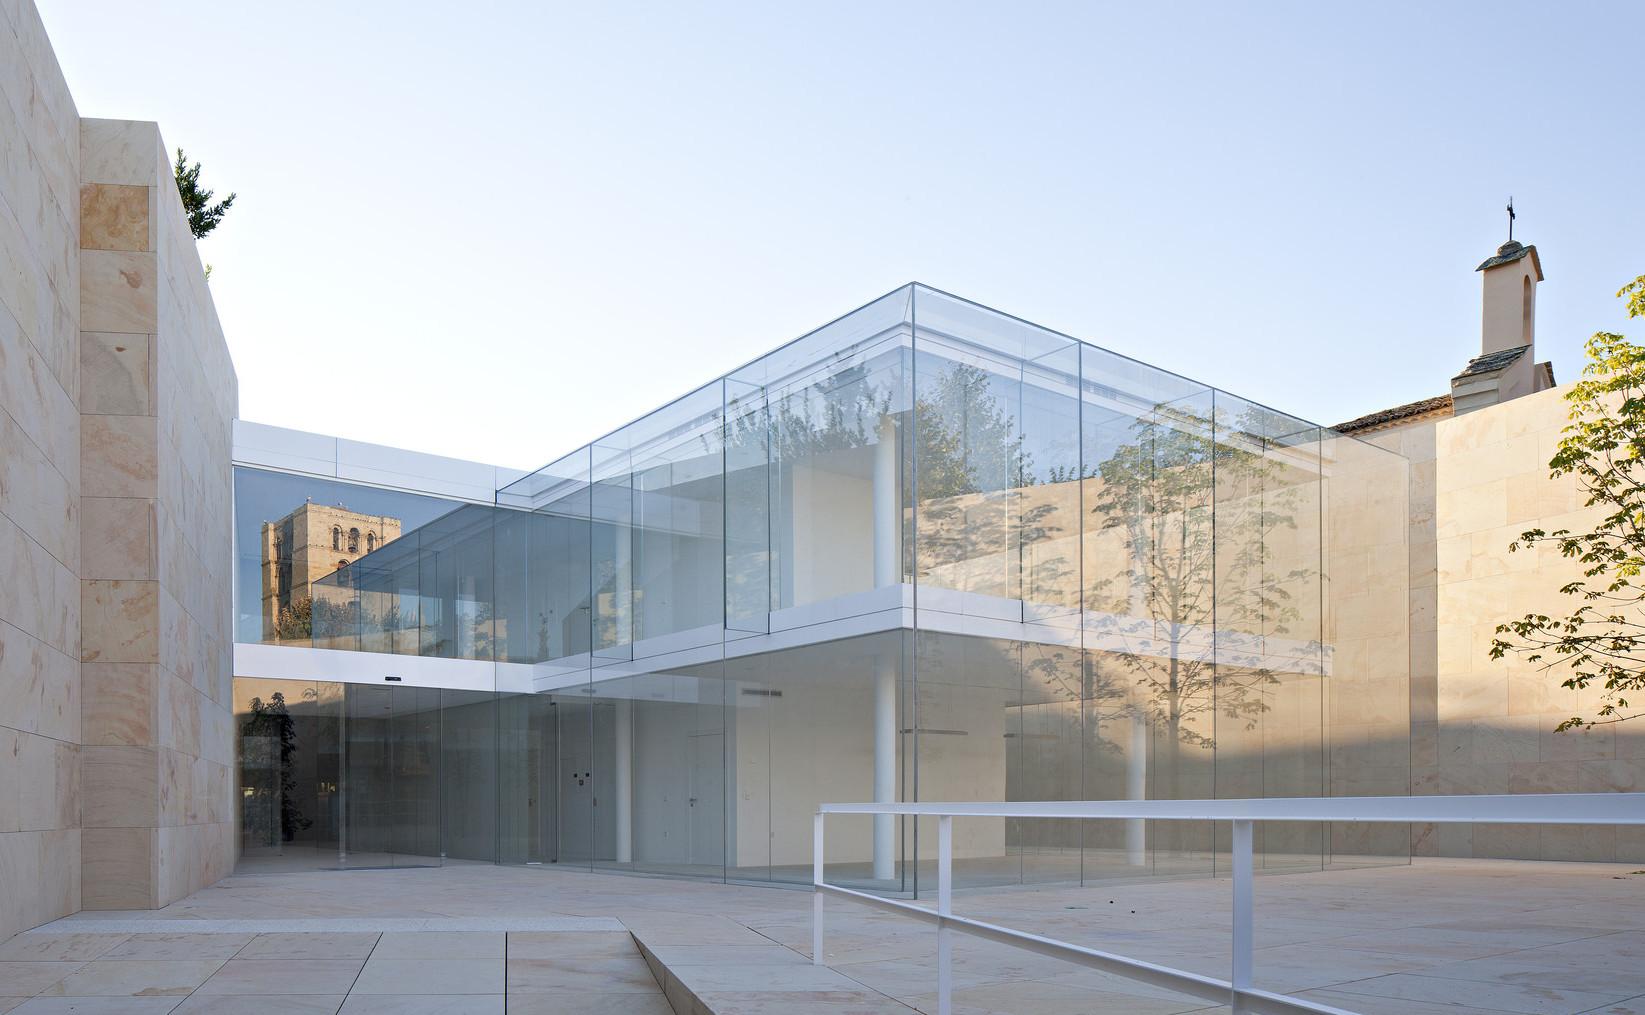 edificio de Oficinas, Zamora, España.